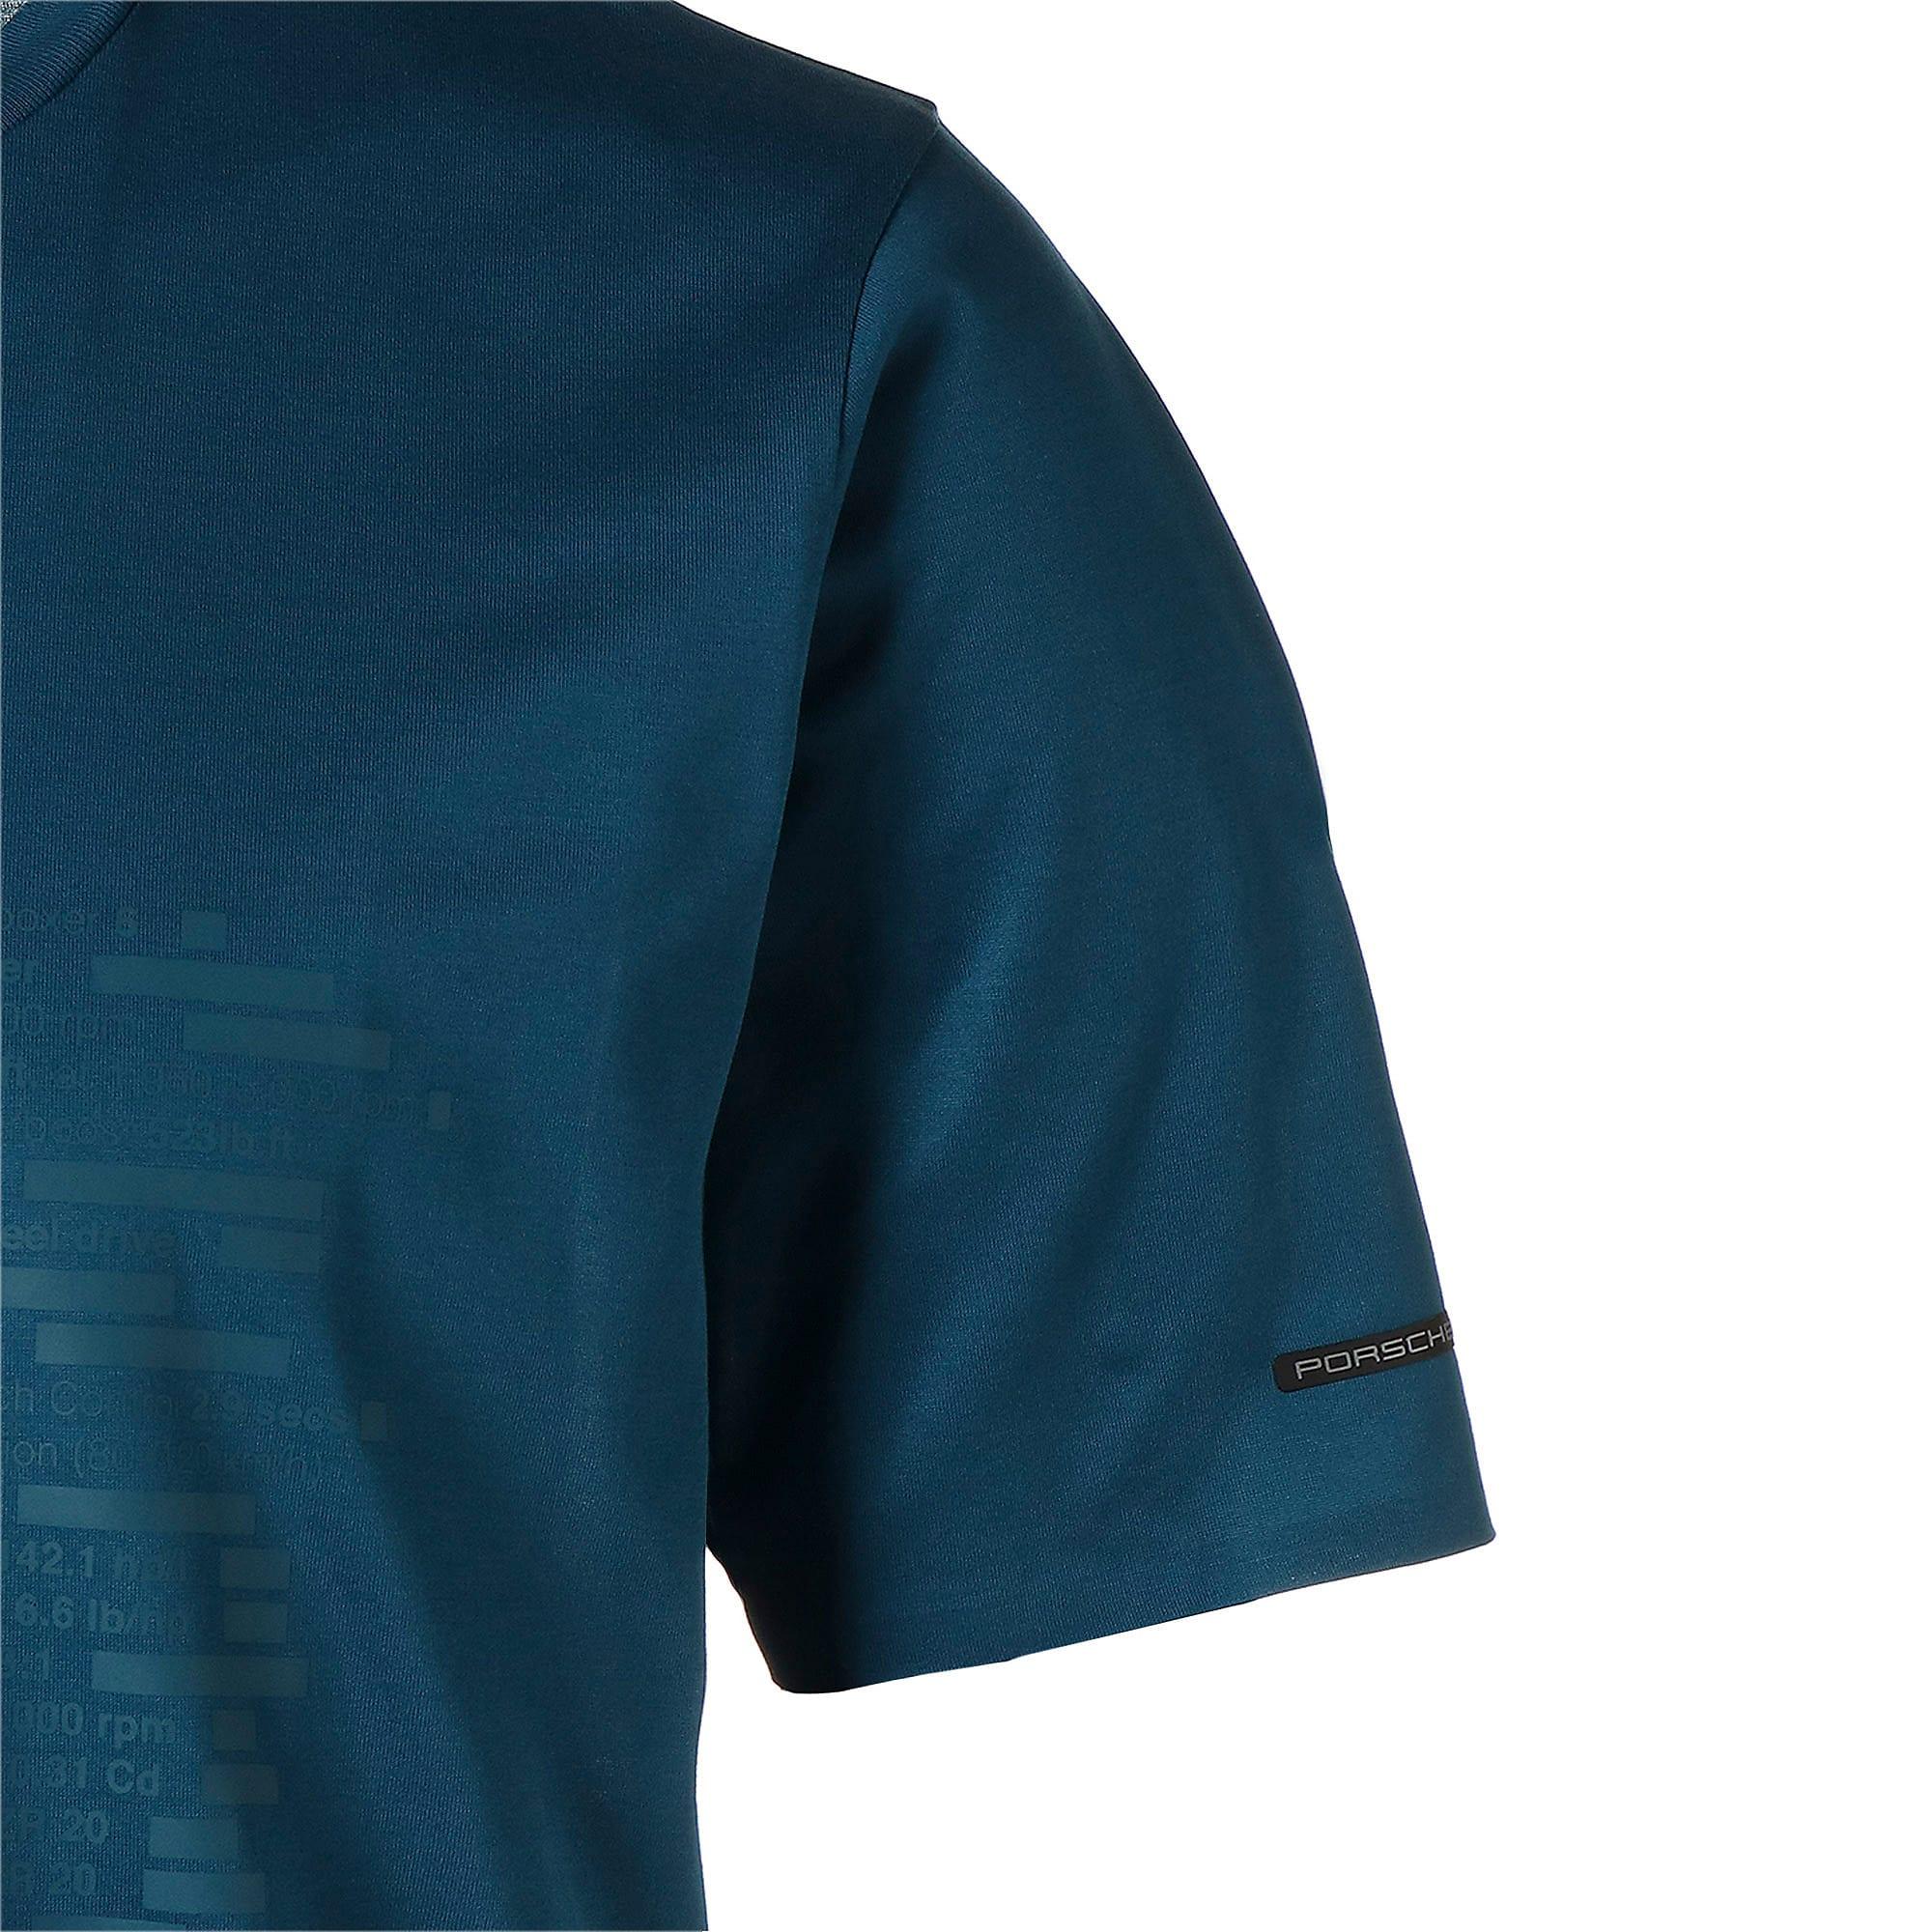 Thumbnail 8 of M ポルシェデザイン PD グラフィック Tシャツ, Moroccan Blue, medium-JPN